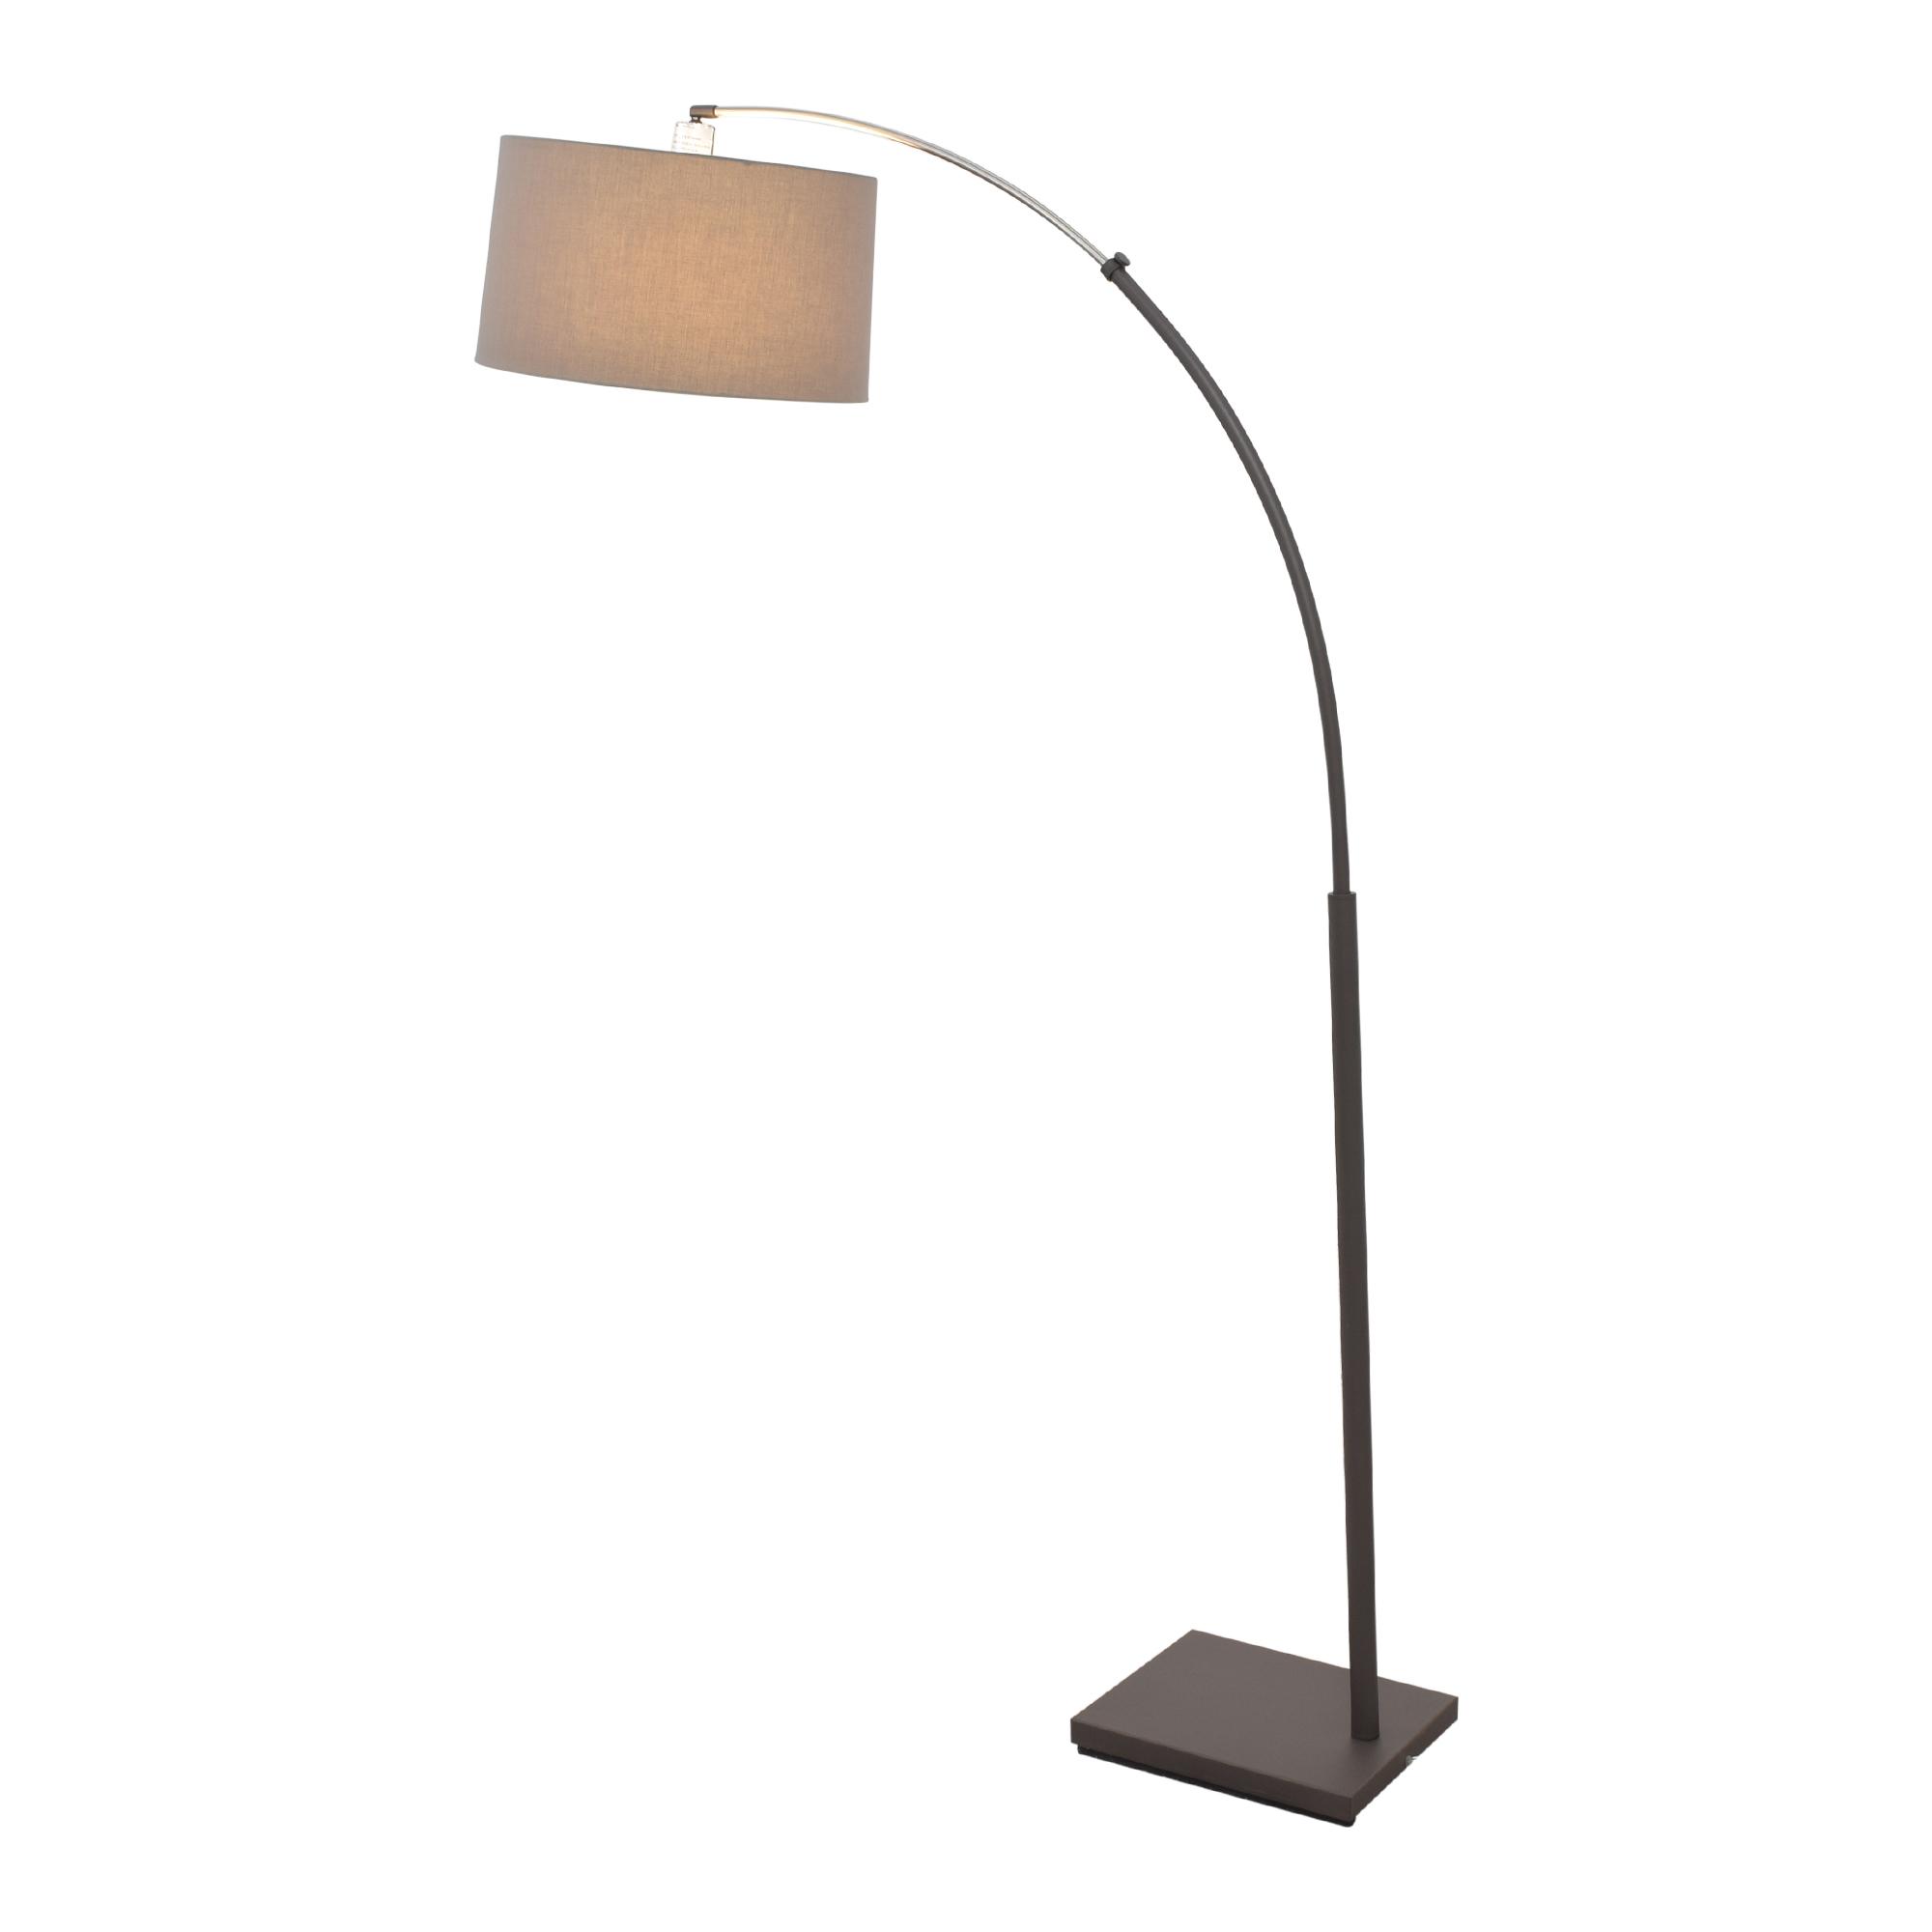 buy Crate & Barrel Dexter Arc Floor Lamp Crate & Barrel Decor